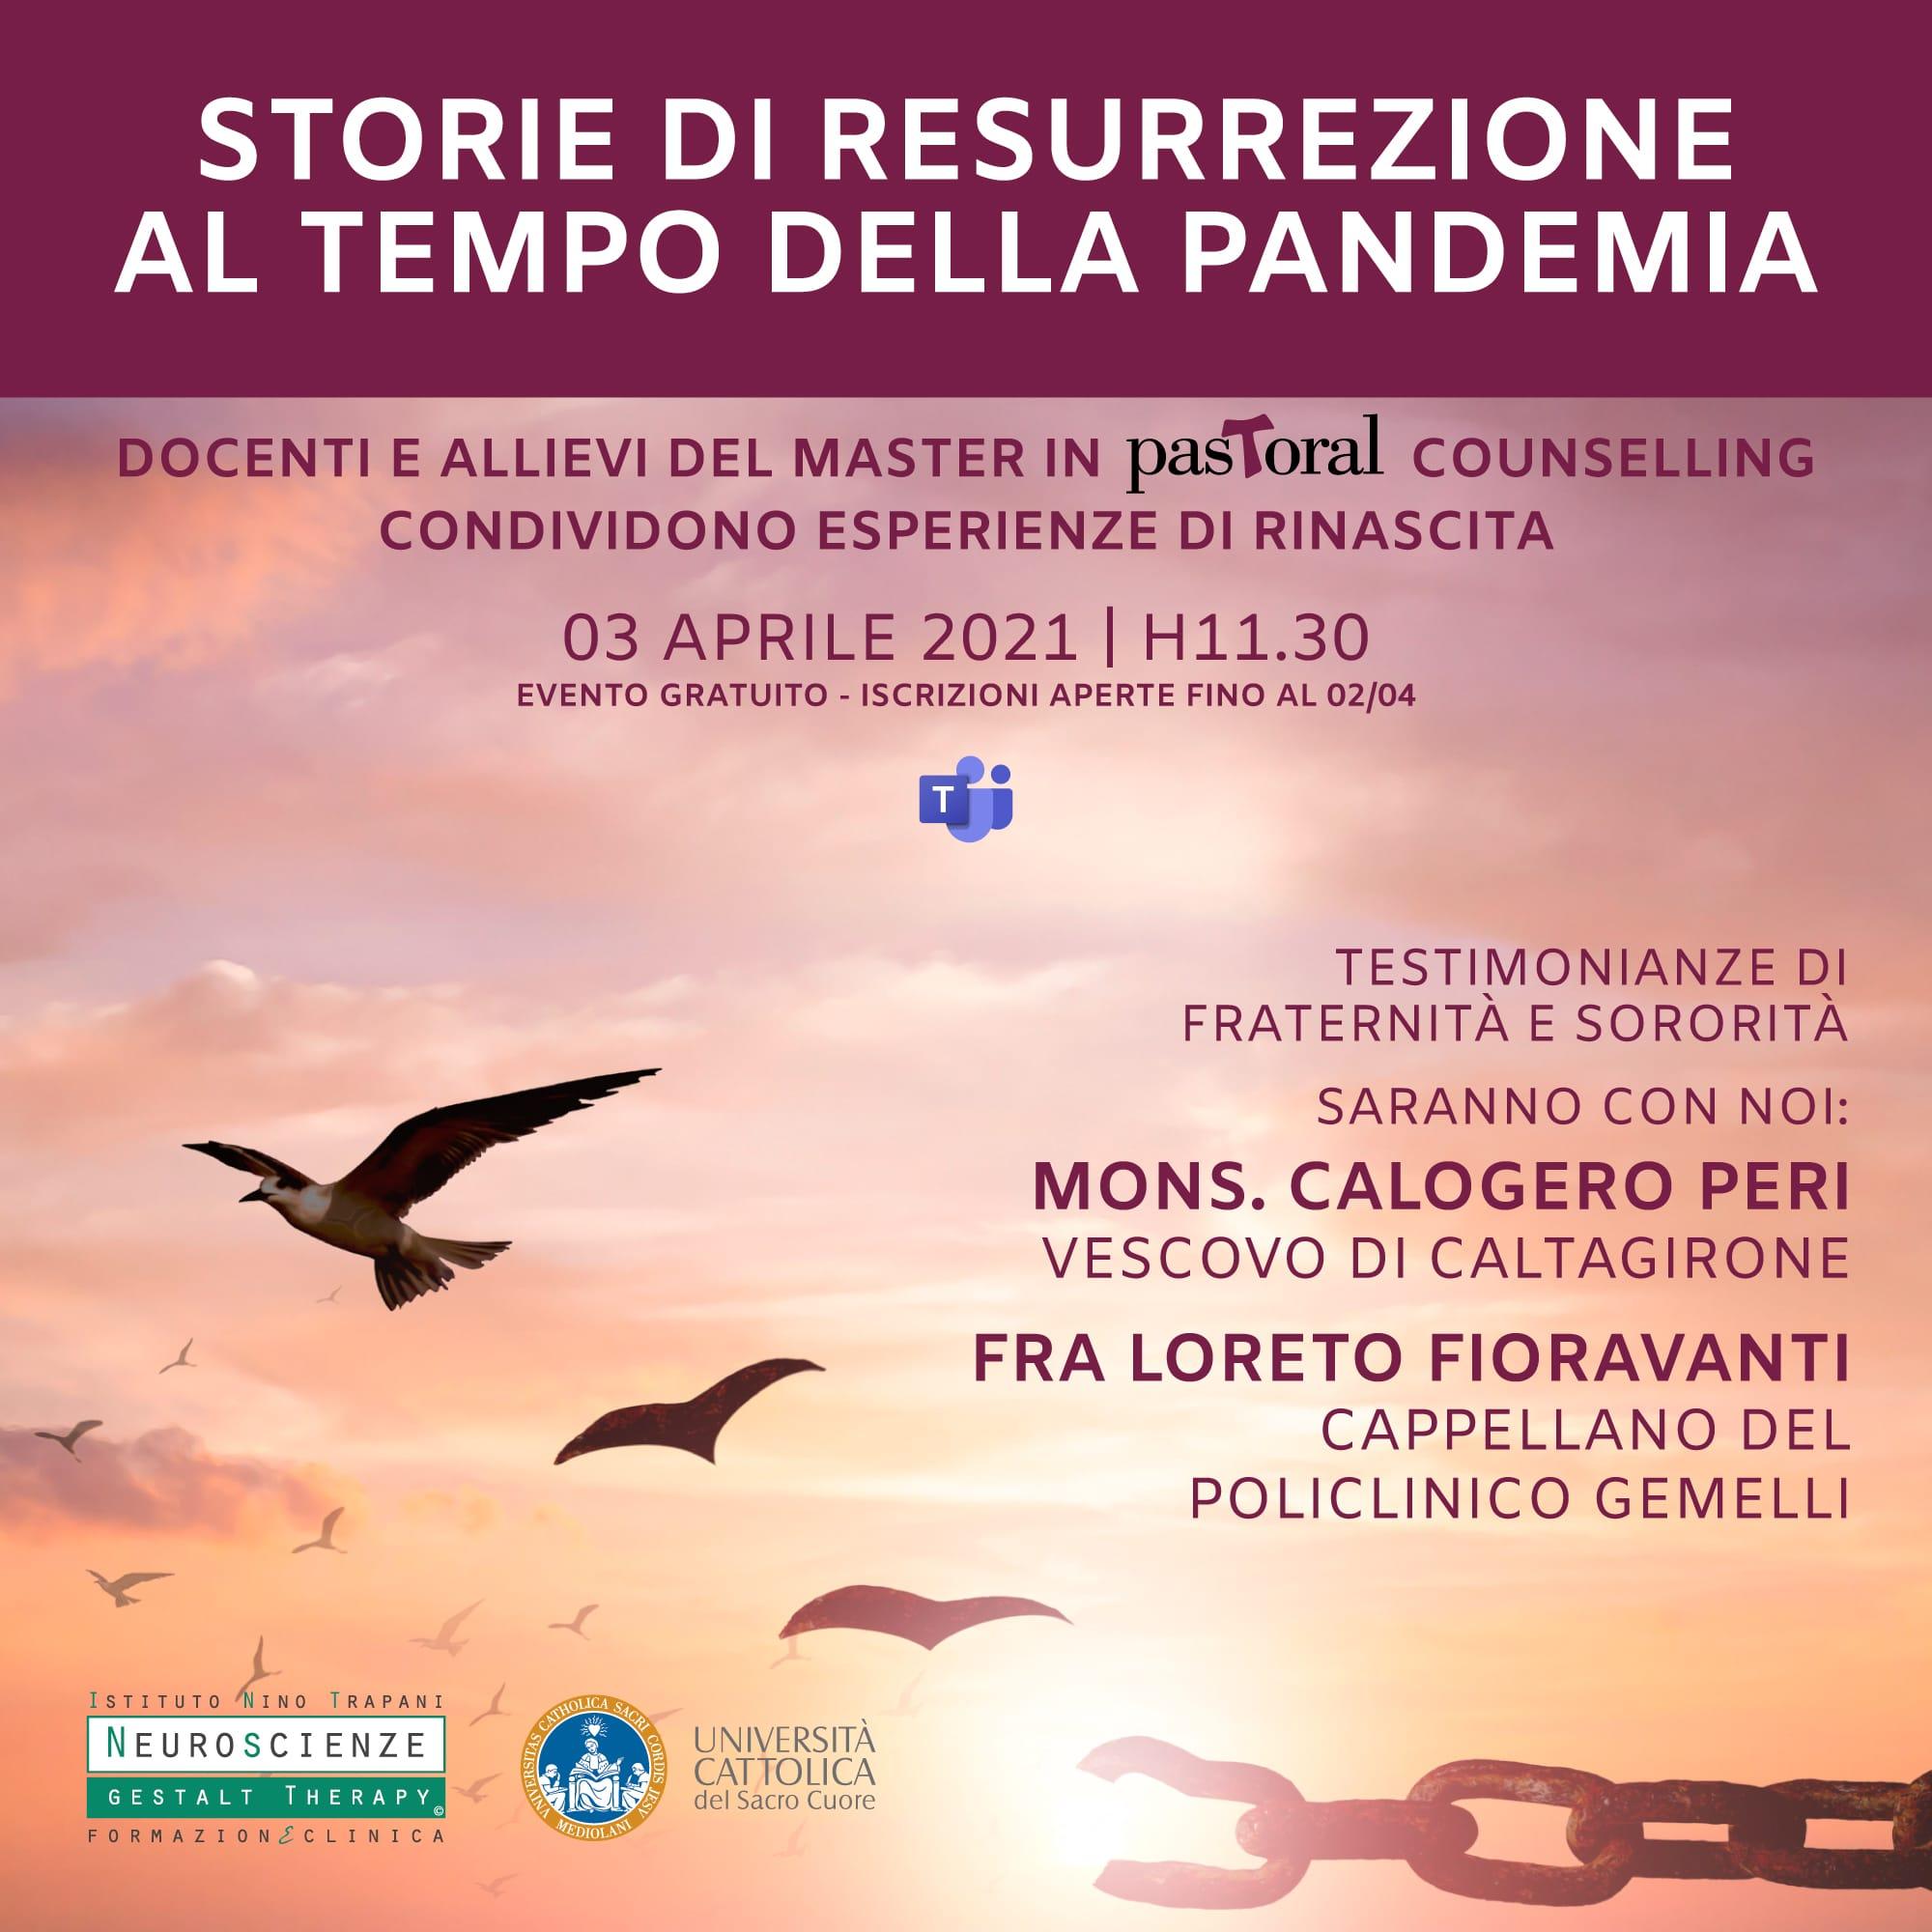 """""""STORIE DI RESURREZIONE AL TEMPO DELLA PANDEMIA"""": APPUNTAMENTO ONLINE DELLA GESTALT CON MONS. PERI"""